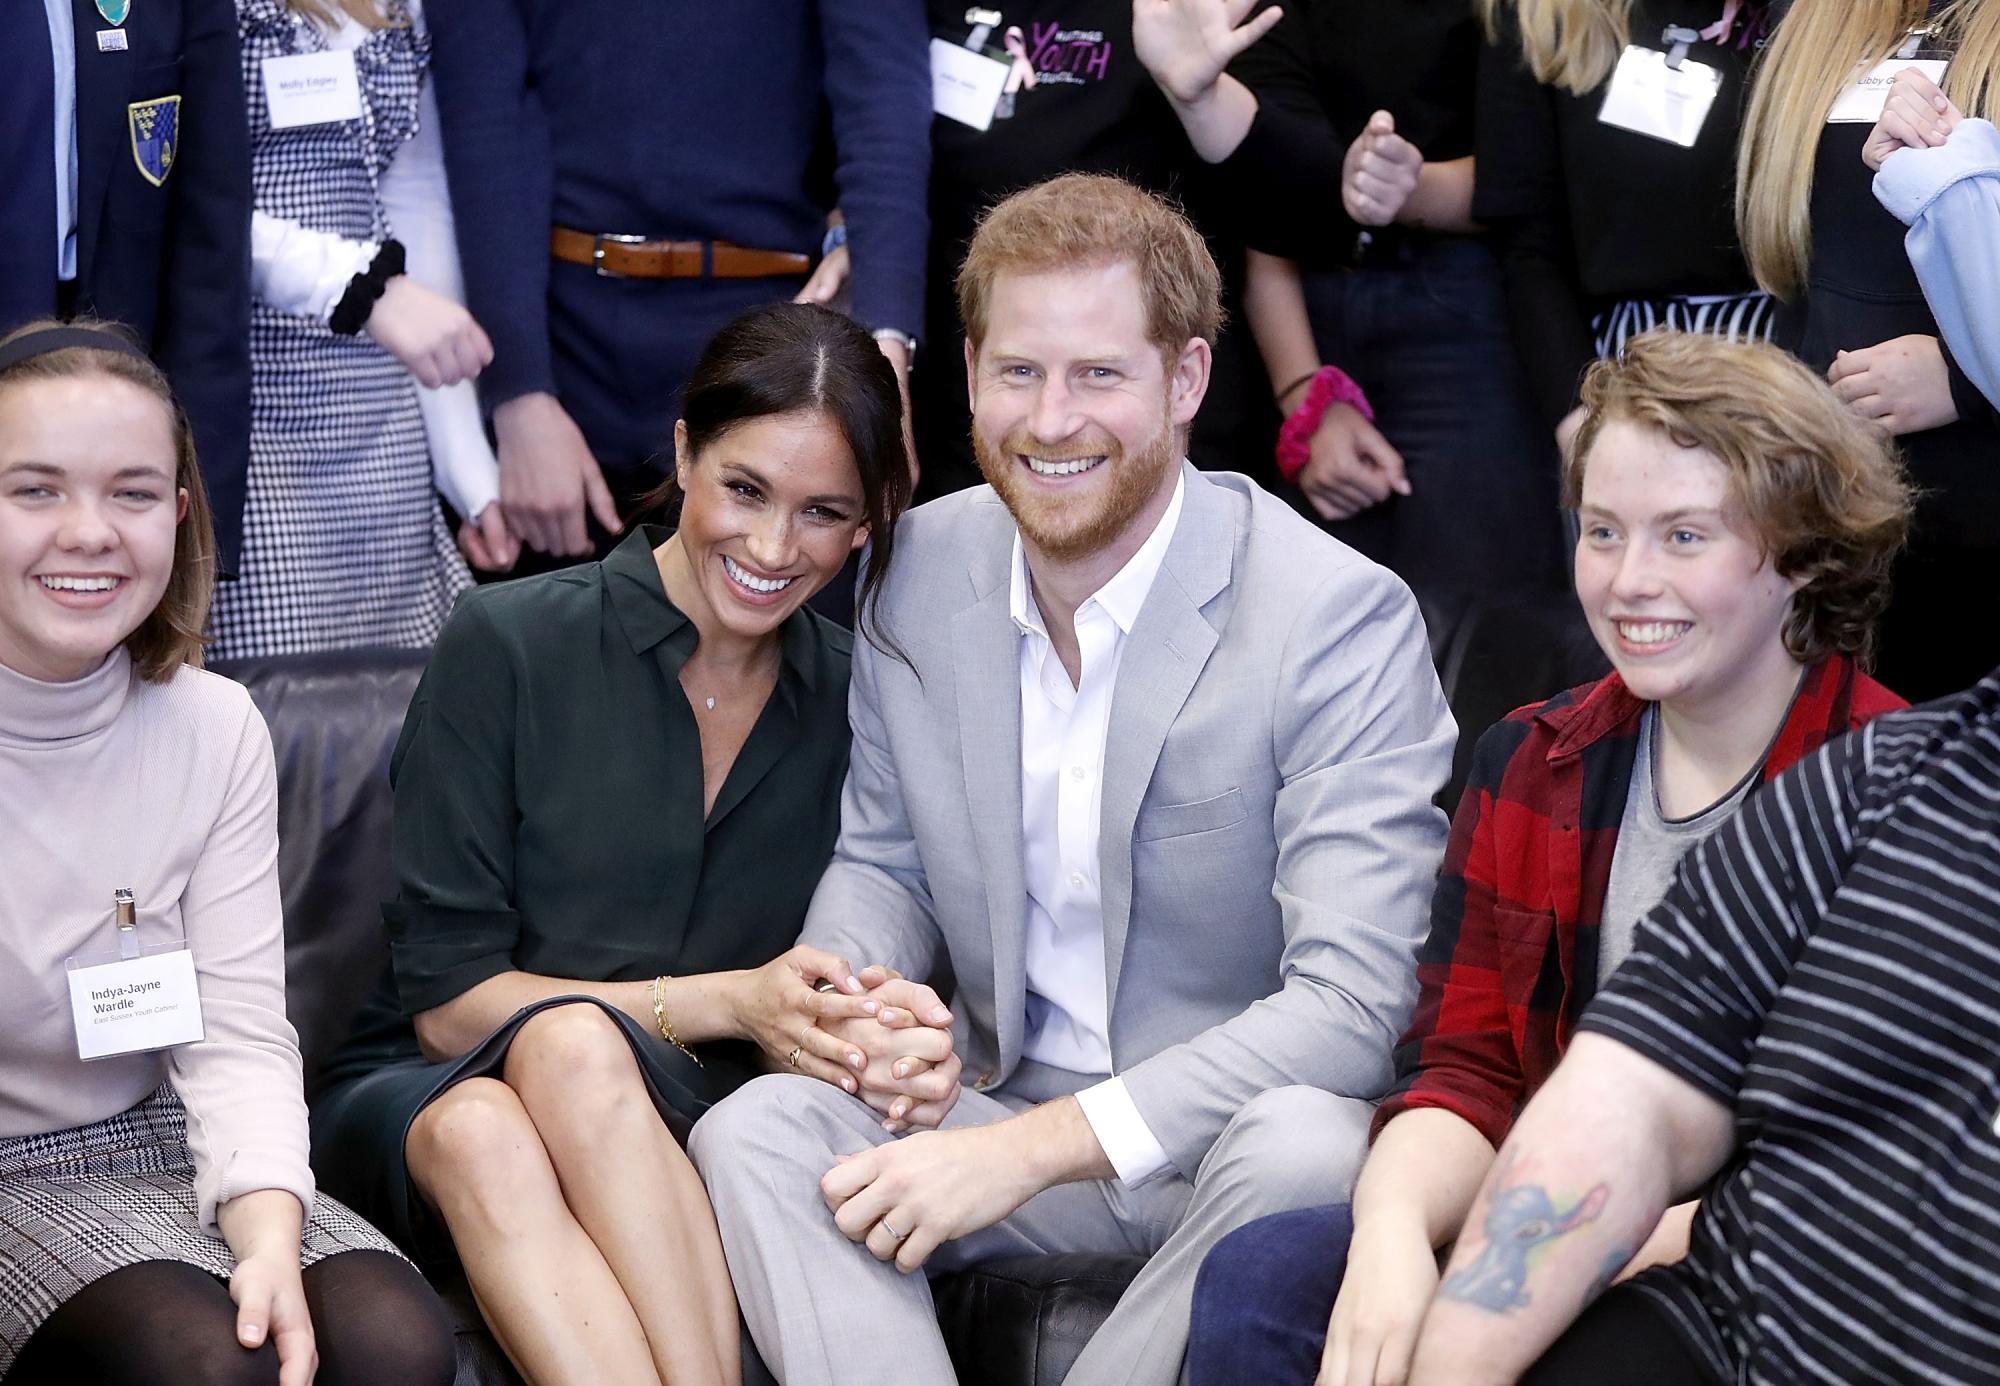 Как Меган Маркл удалось заполучить принца Гарри: вся правда об их знакомстве